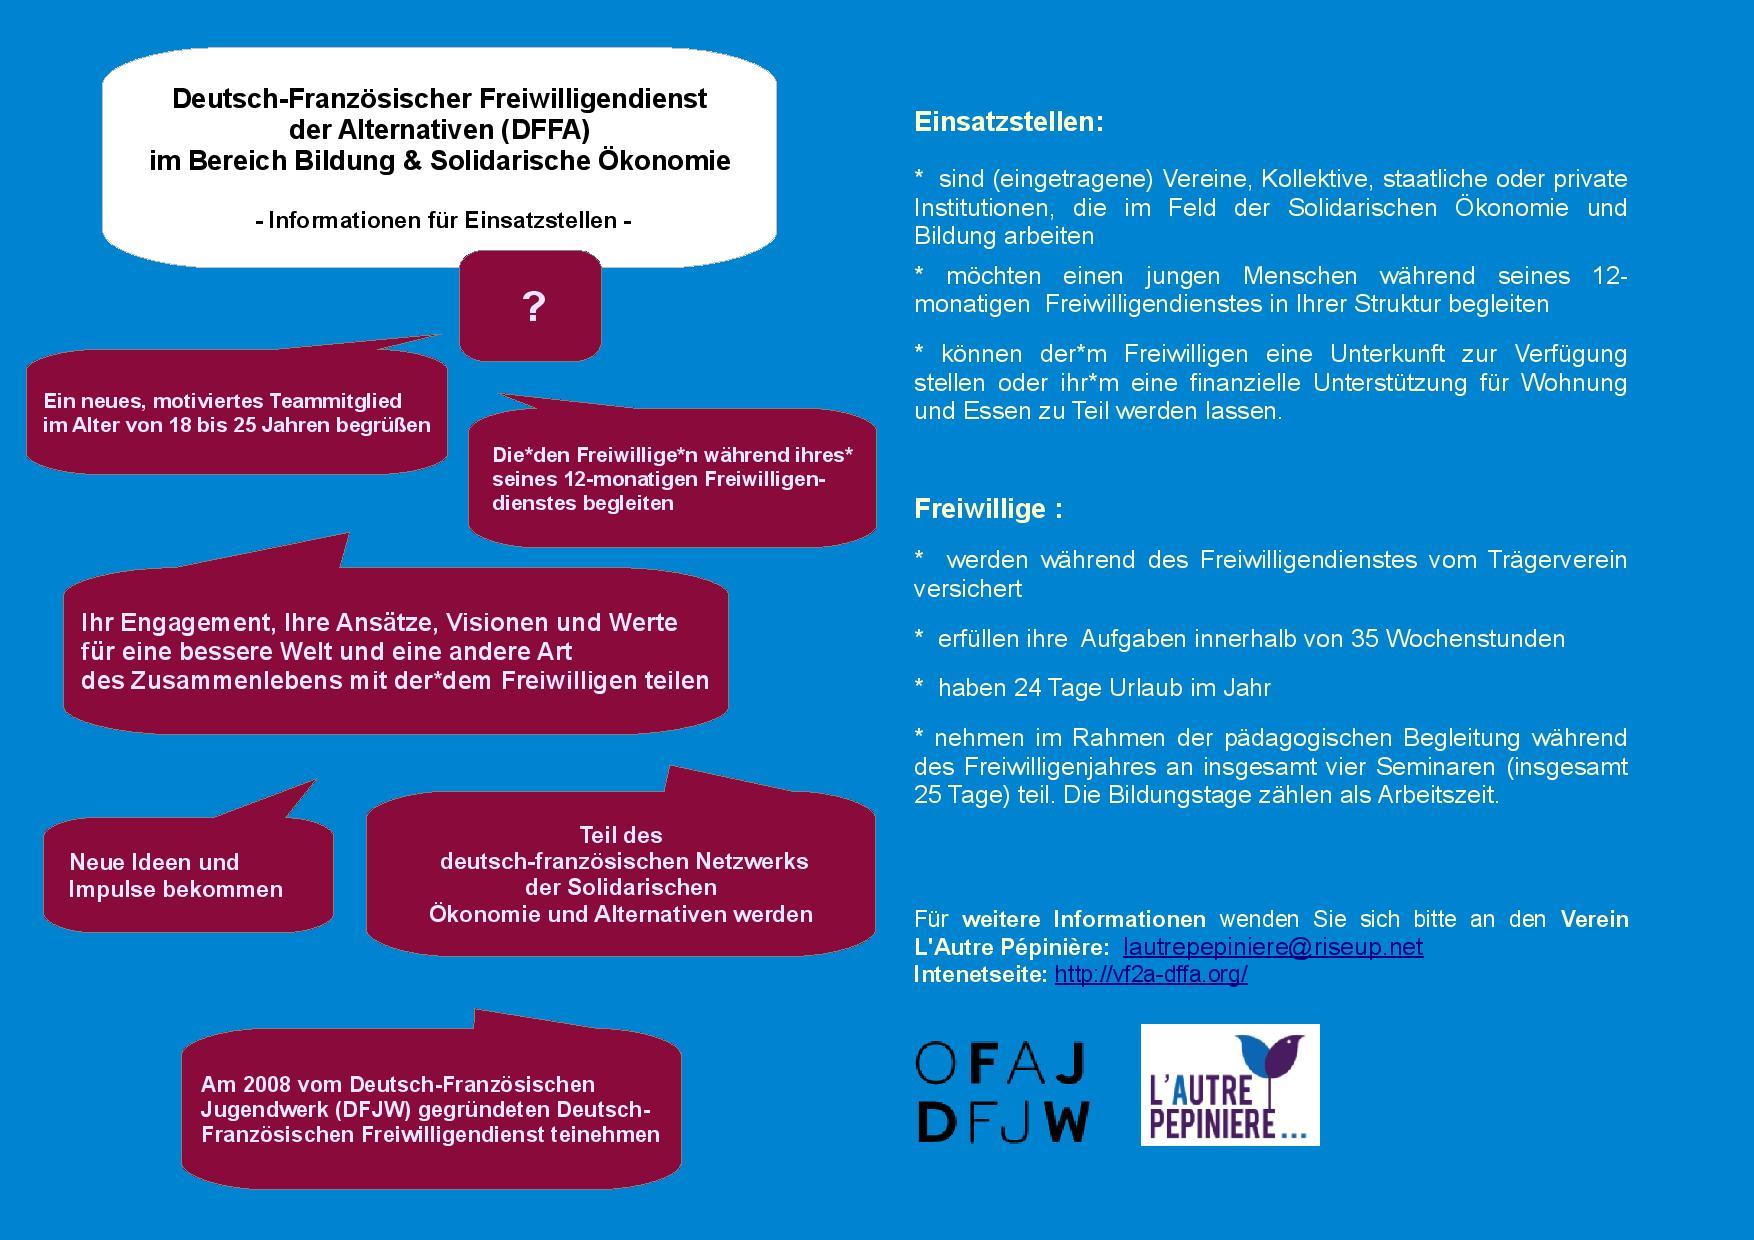 Informationen für deutsche Einsatzstellen